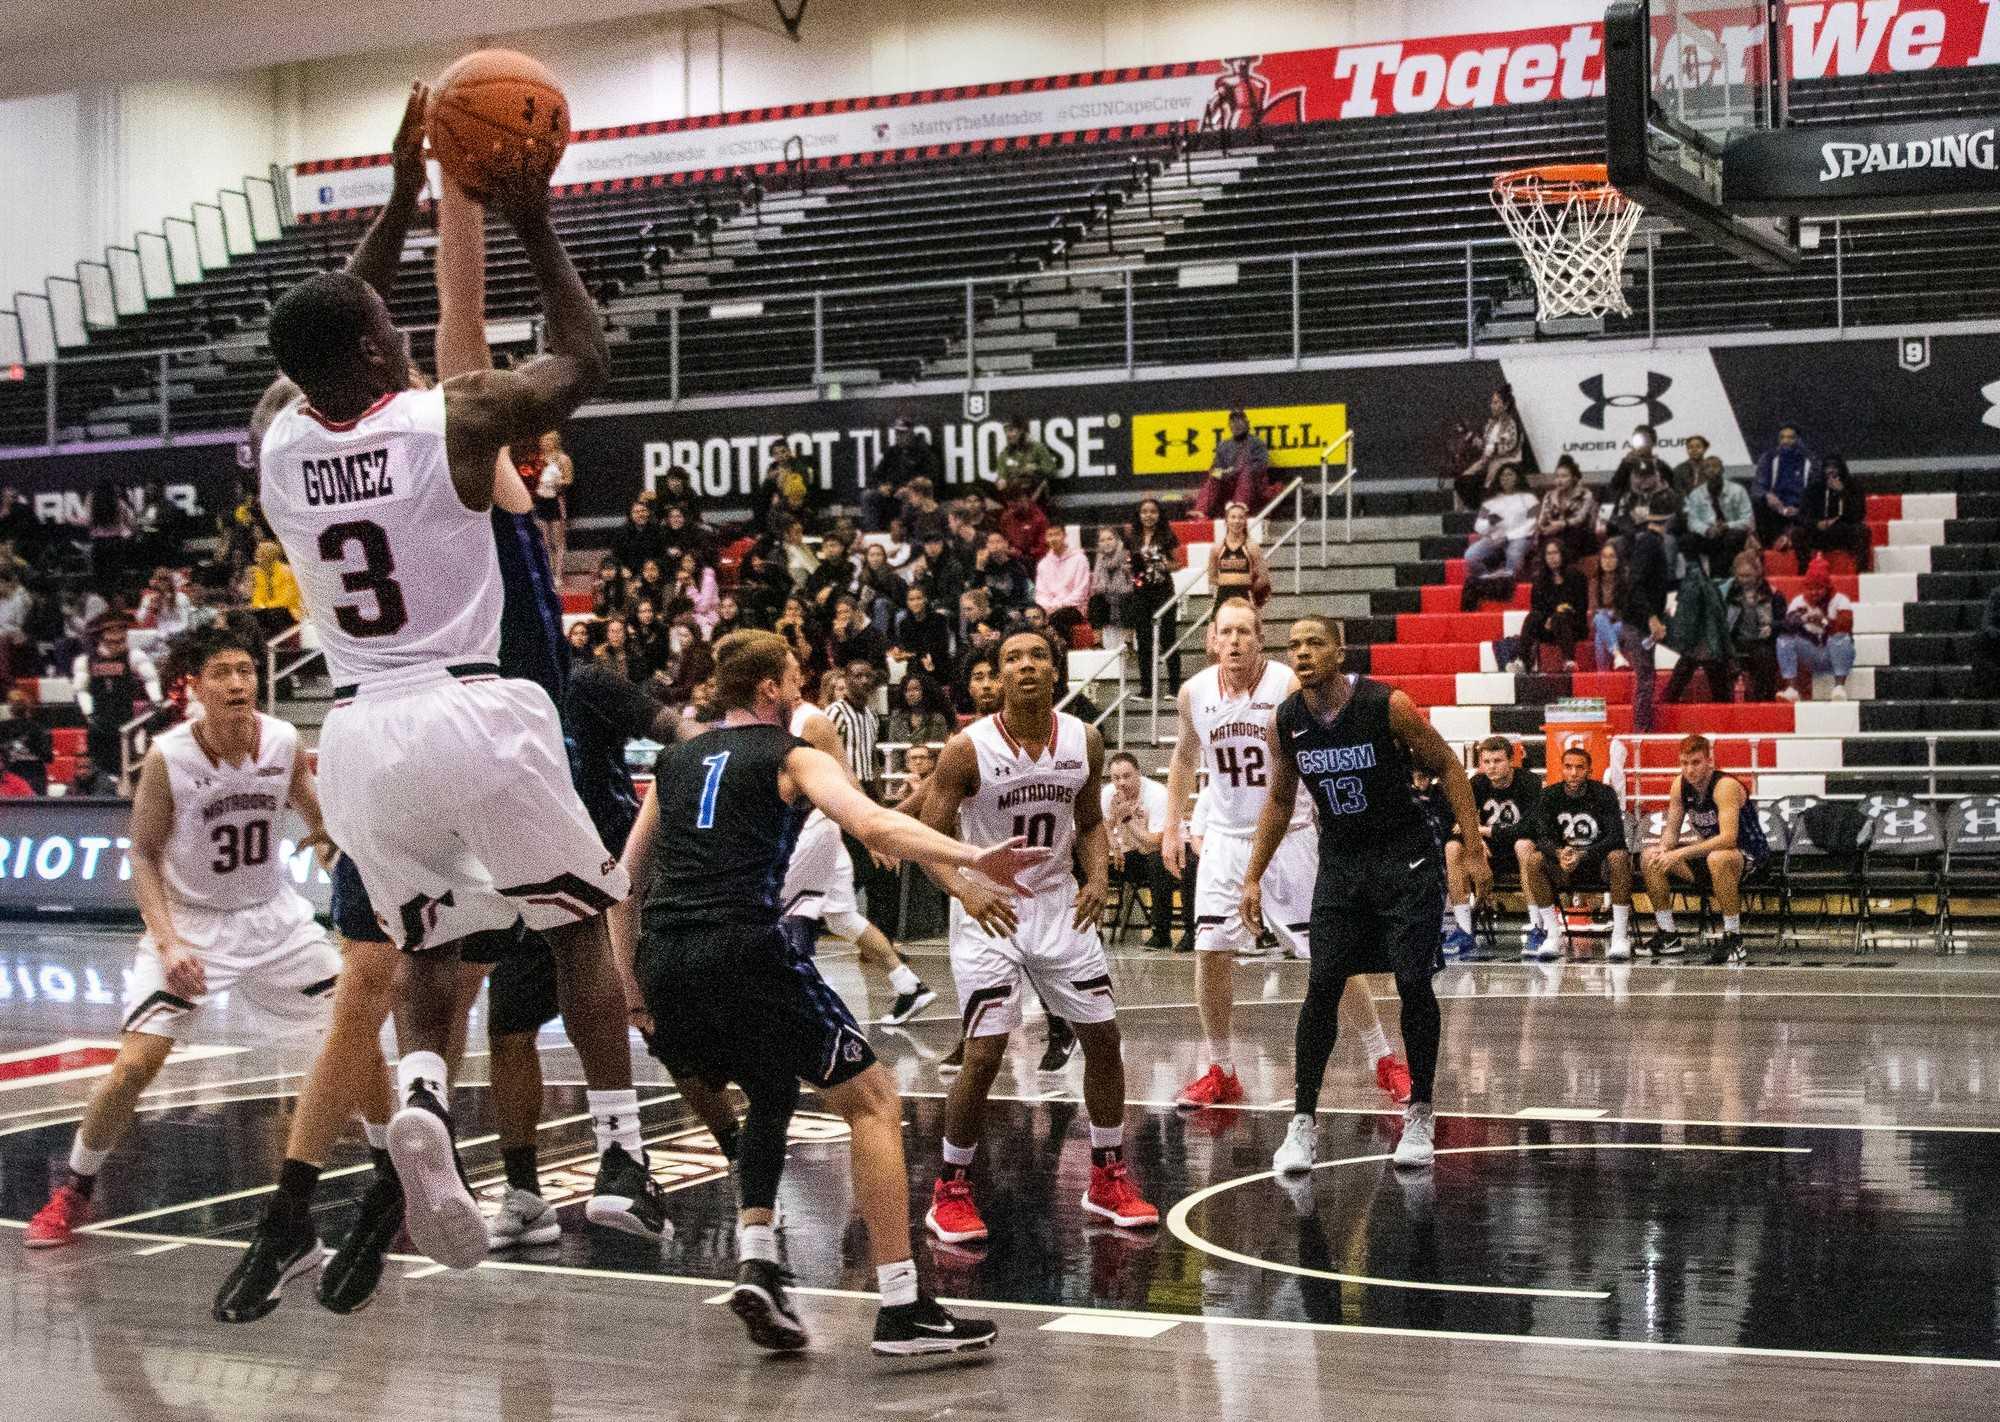 A CSUN Men's basketball player making a fade away jump shot.